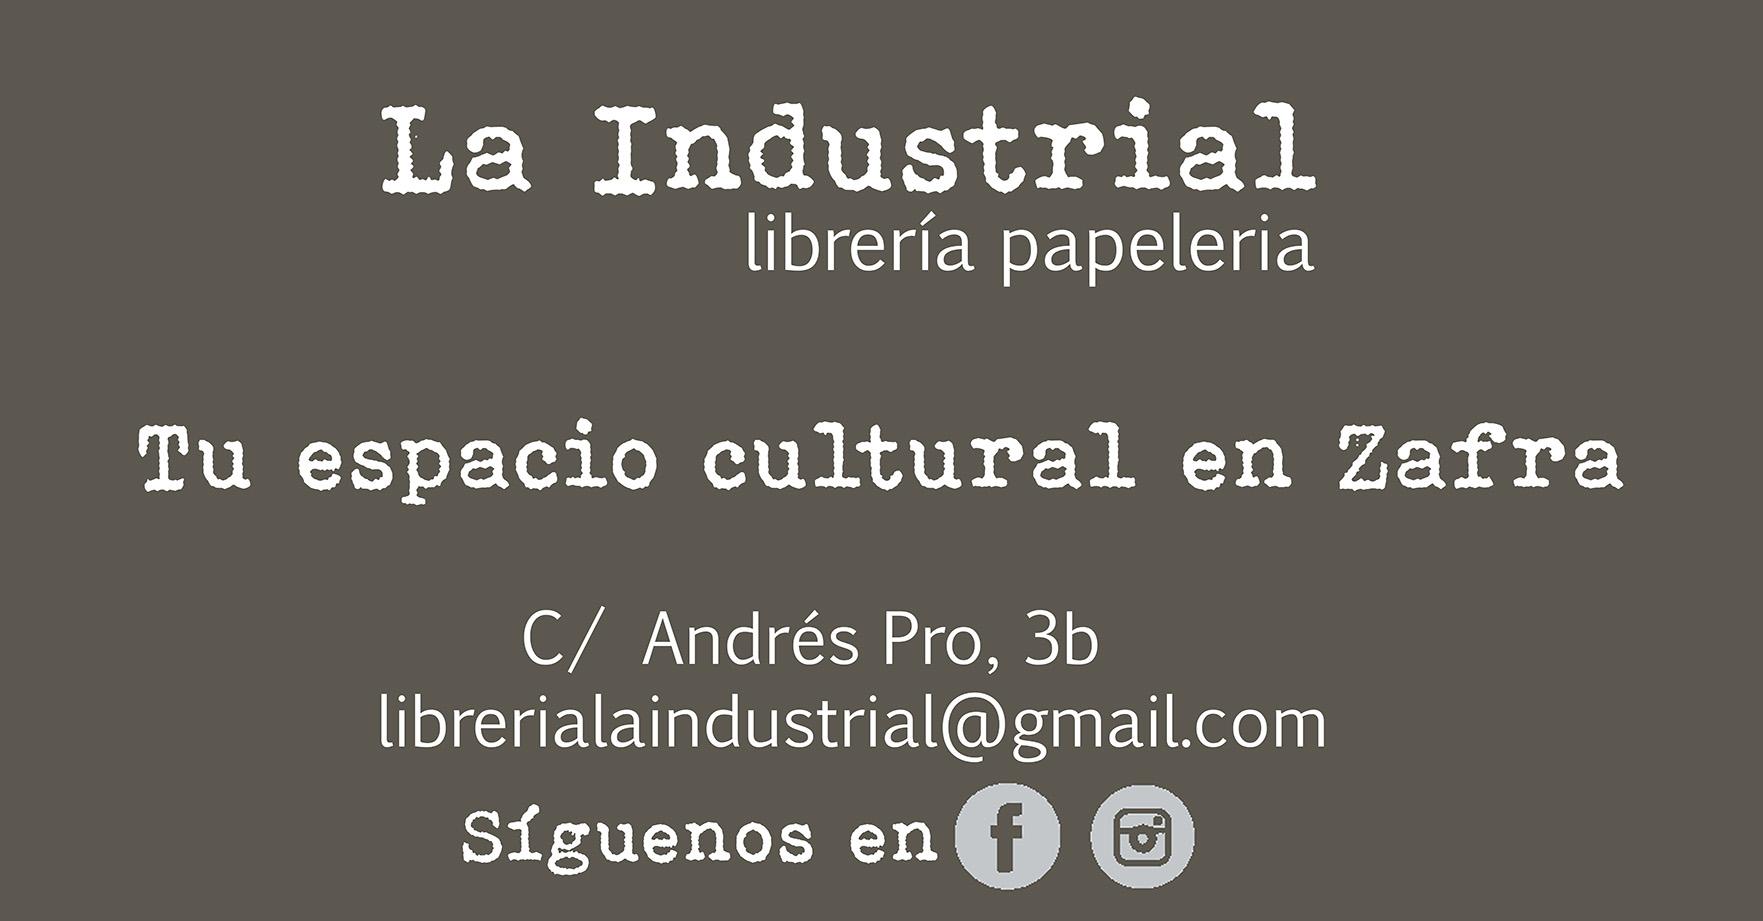 La Industrial, Librería